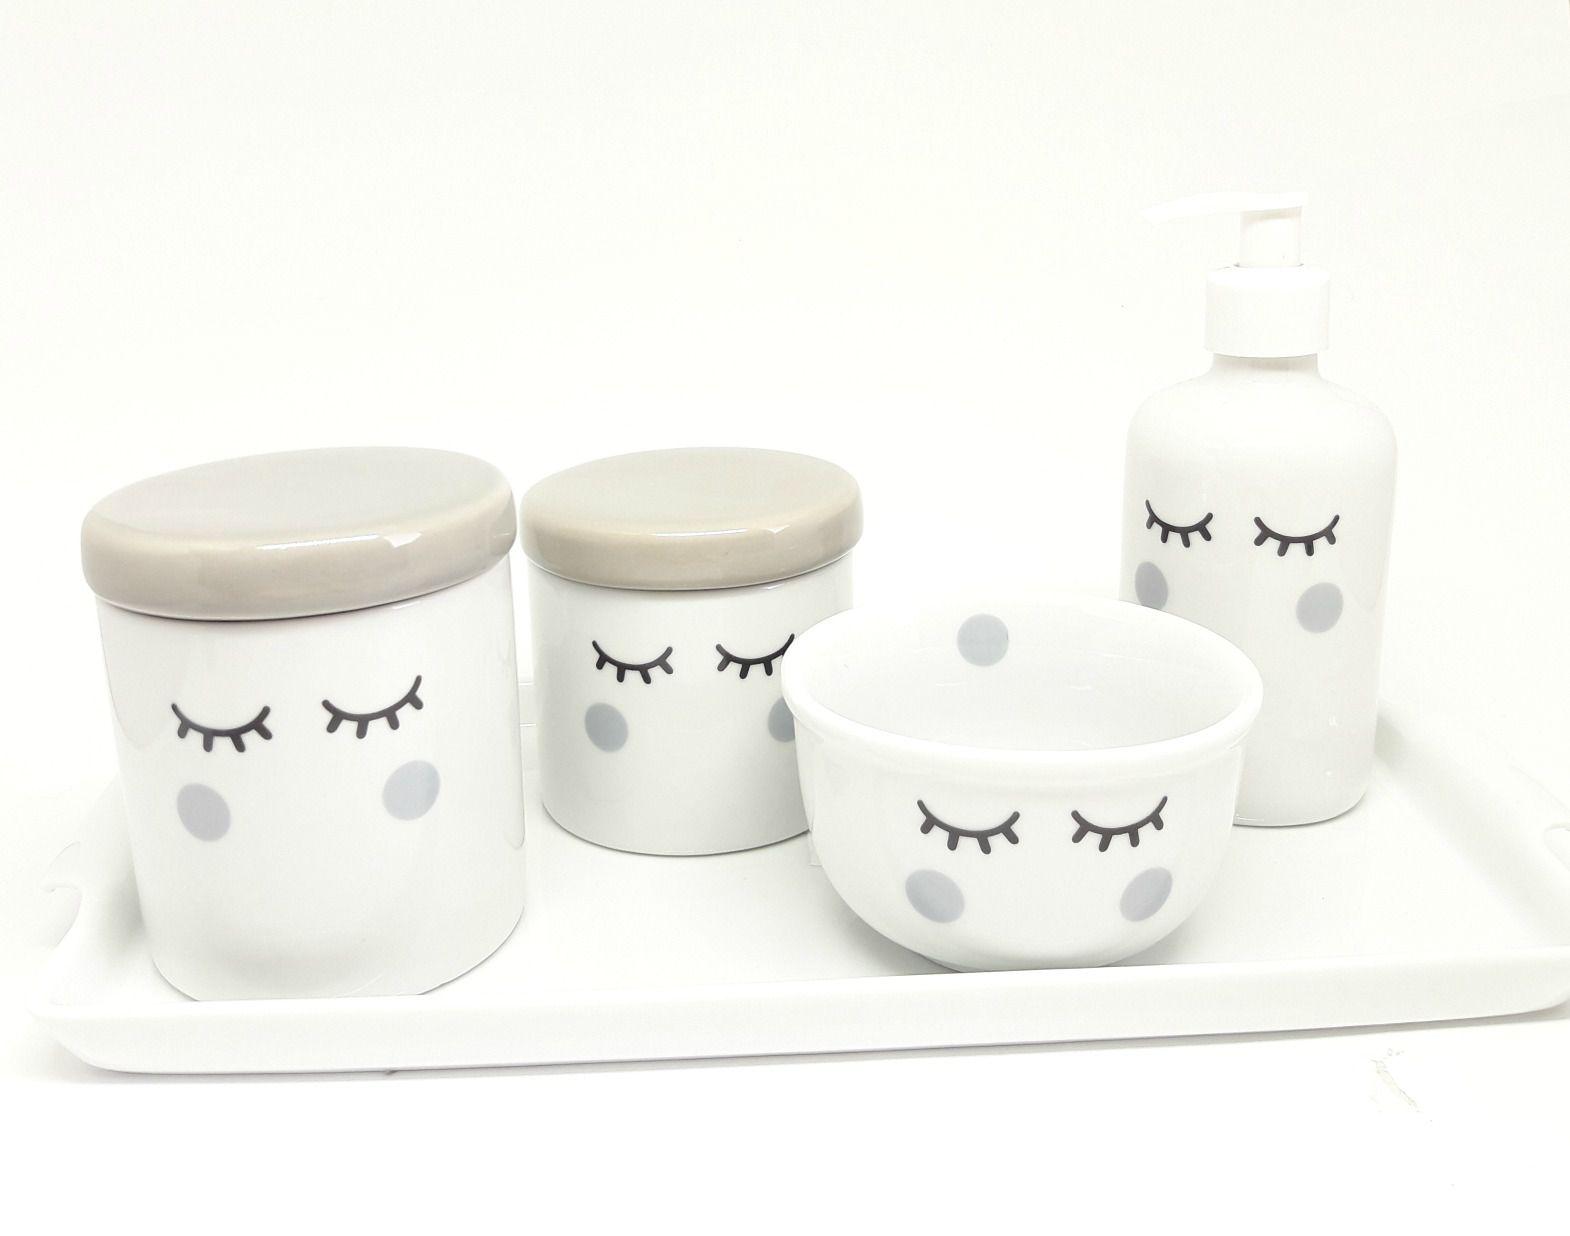 Kit Higiene Bebê Porcelana | Olhinhos Cílios Cinza com Bandeja em Porcelana